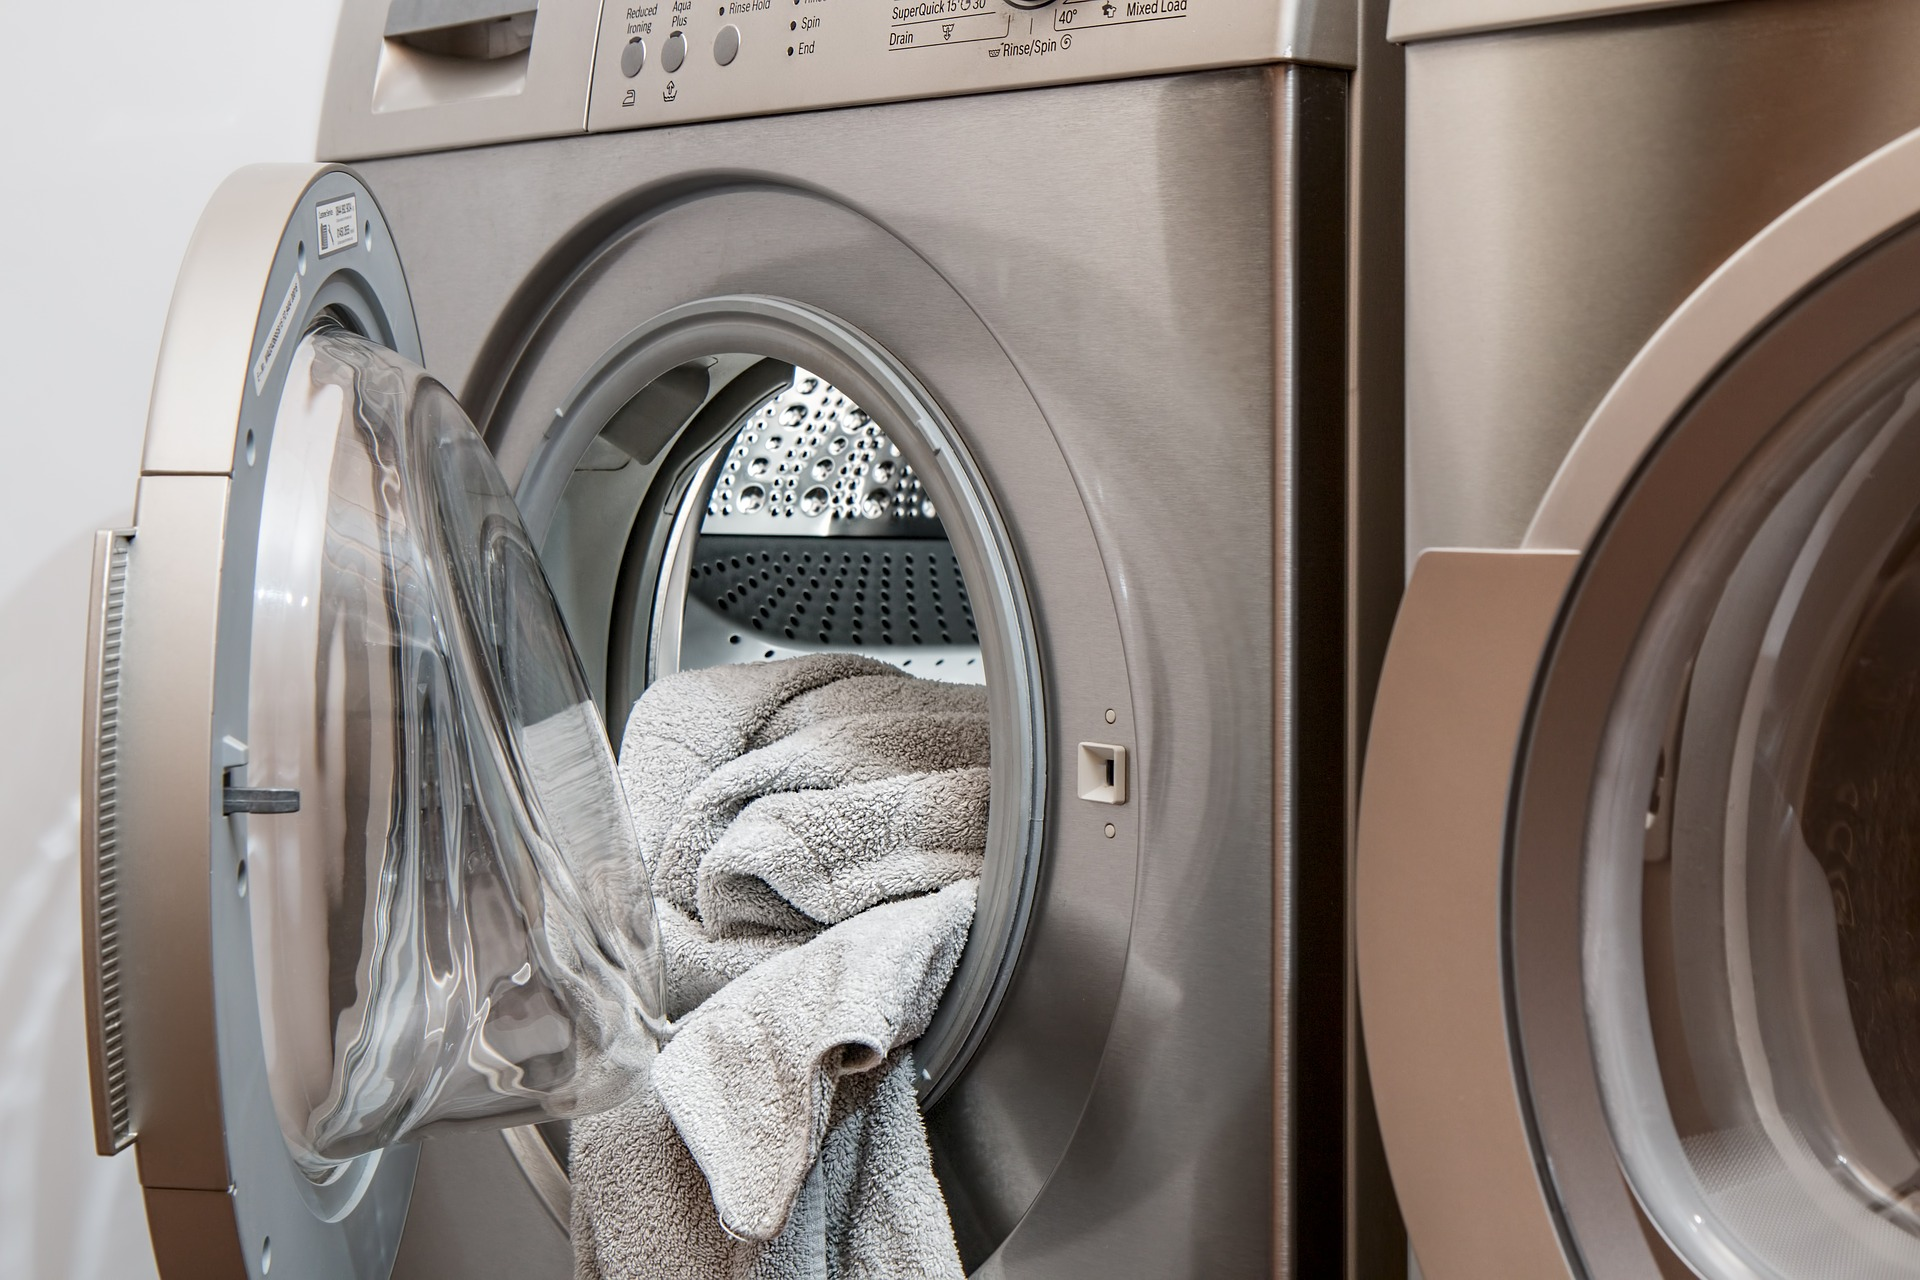 Roupas para lavar fora de casa? Faça isso economizando!